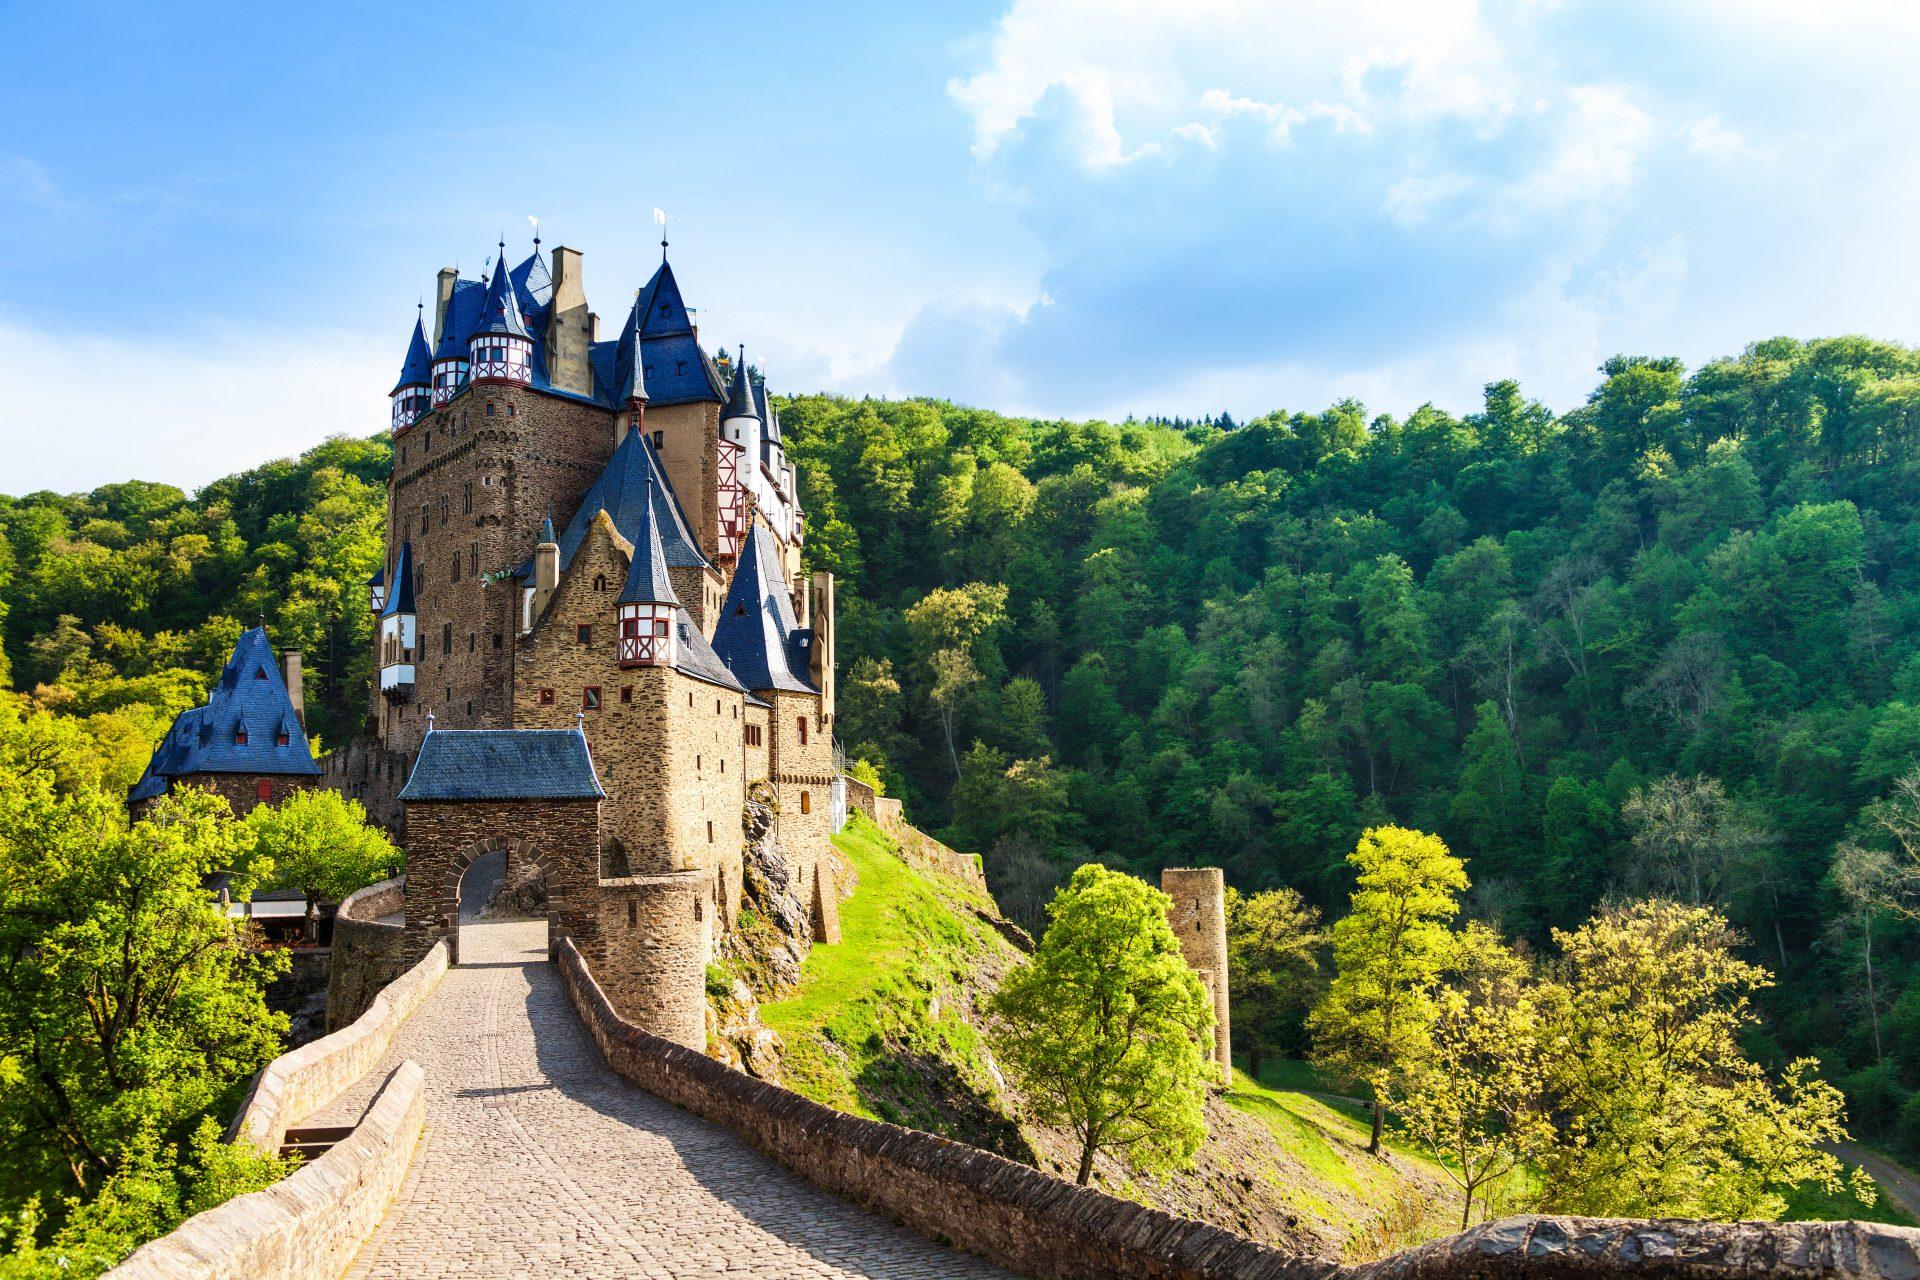 Burg Eltz mit ihrer imposanten Zufahrtsstraße, Urlaub wie im Märchen